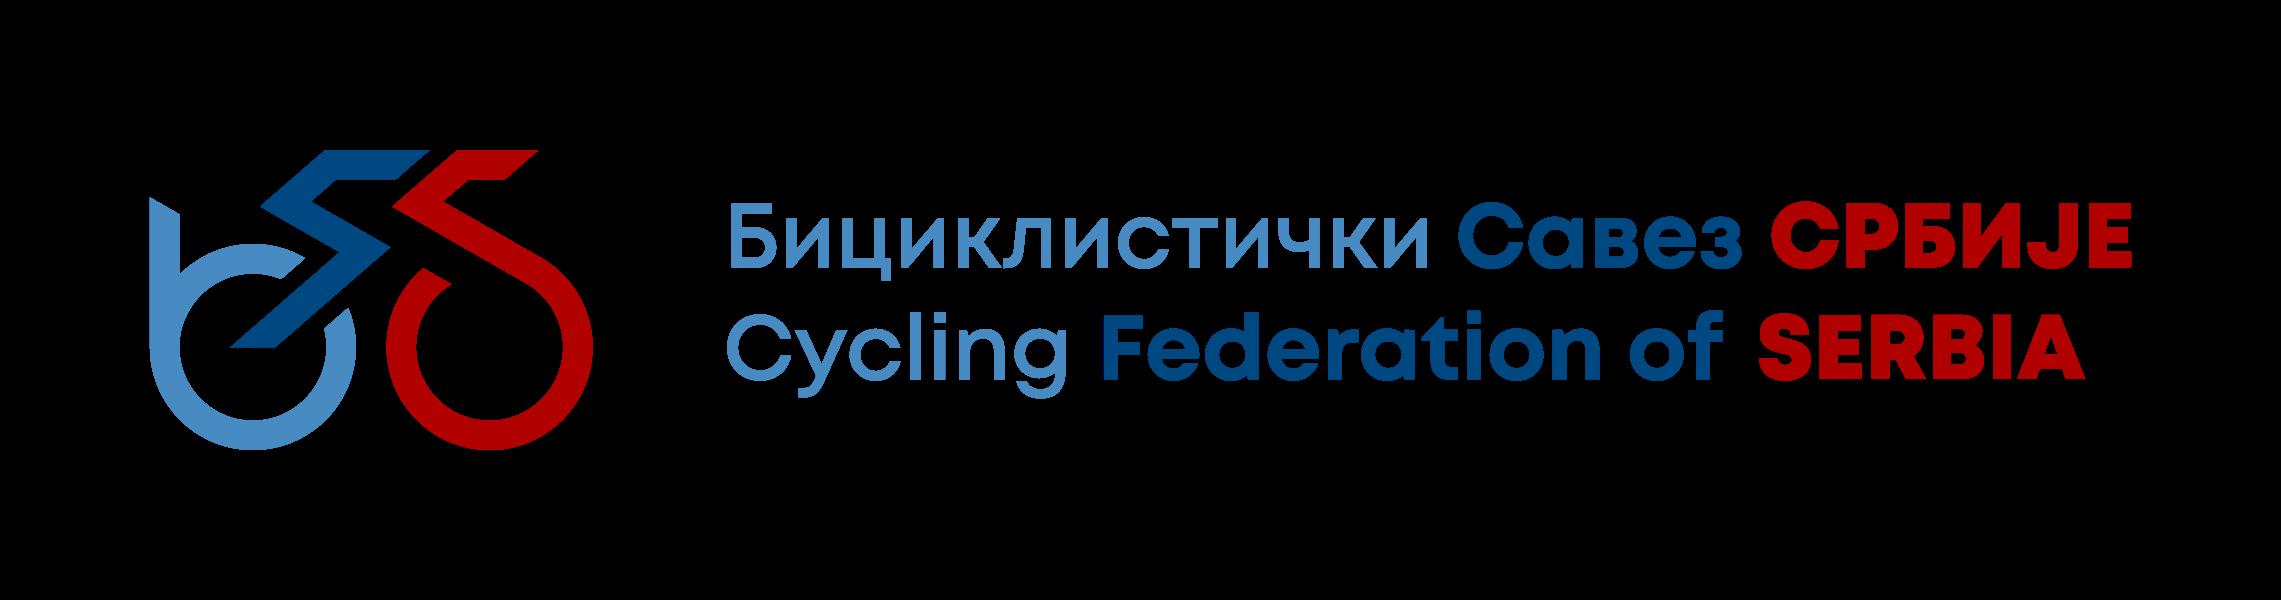 Izborni zbor pridruženih članova BSS | Biciklistički Savez Srbije